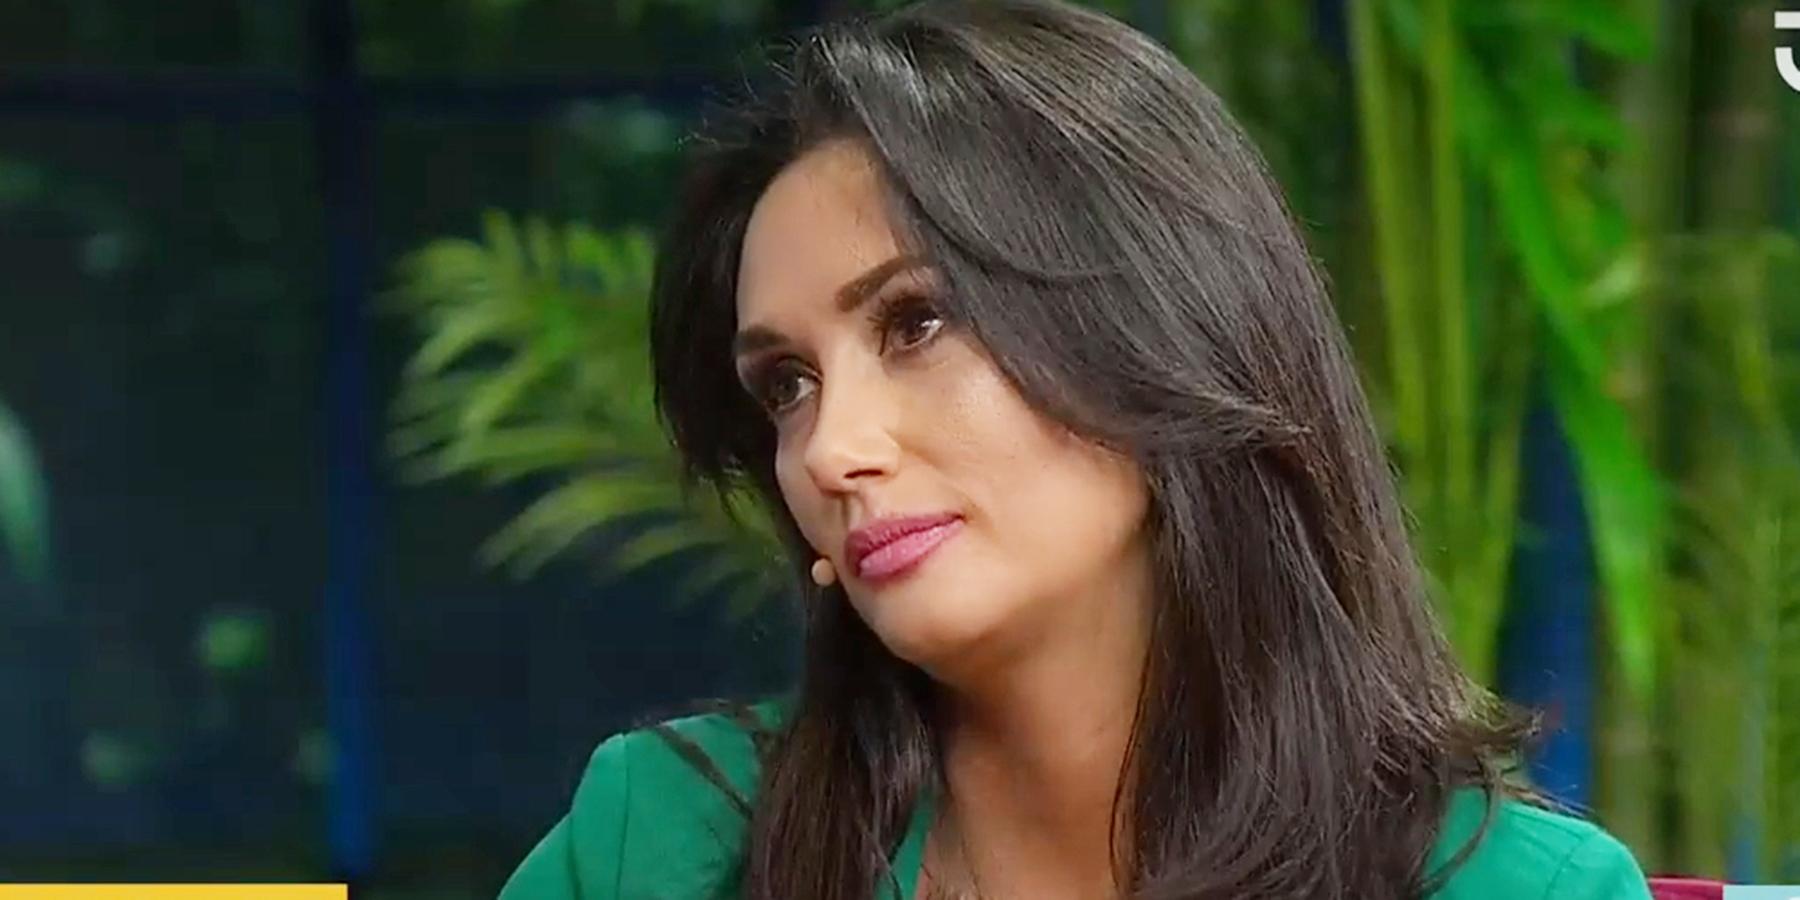 Noticias Chile | Pamela Díaz es despedida de CHV